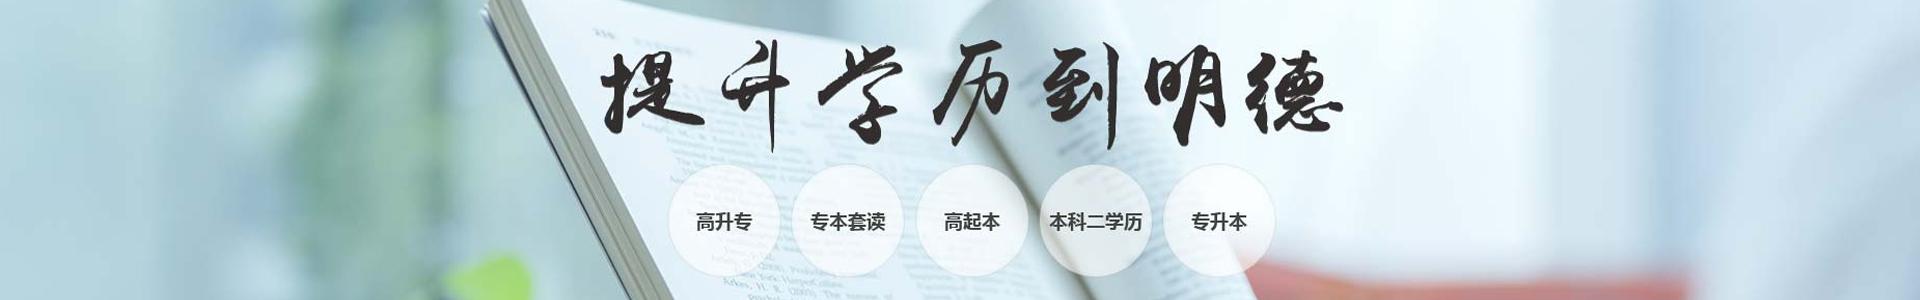 广州明德学历提升机构